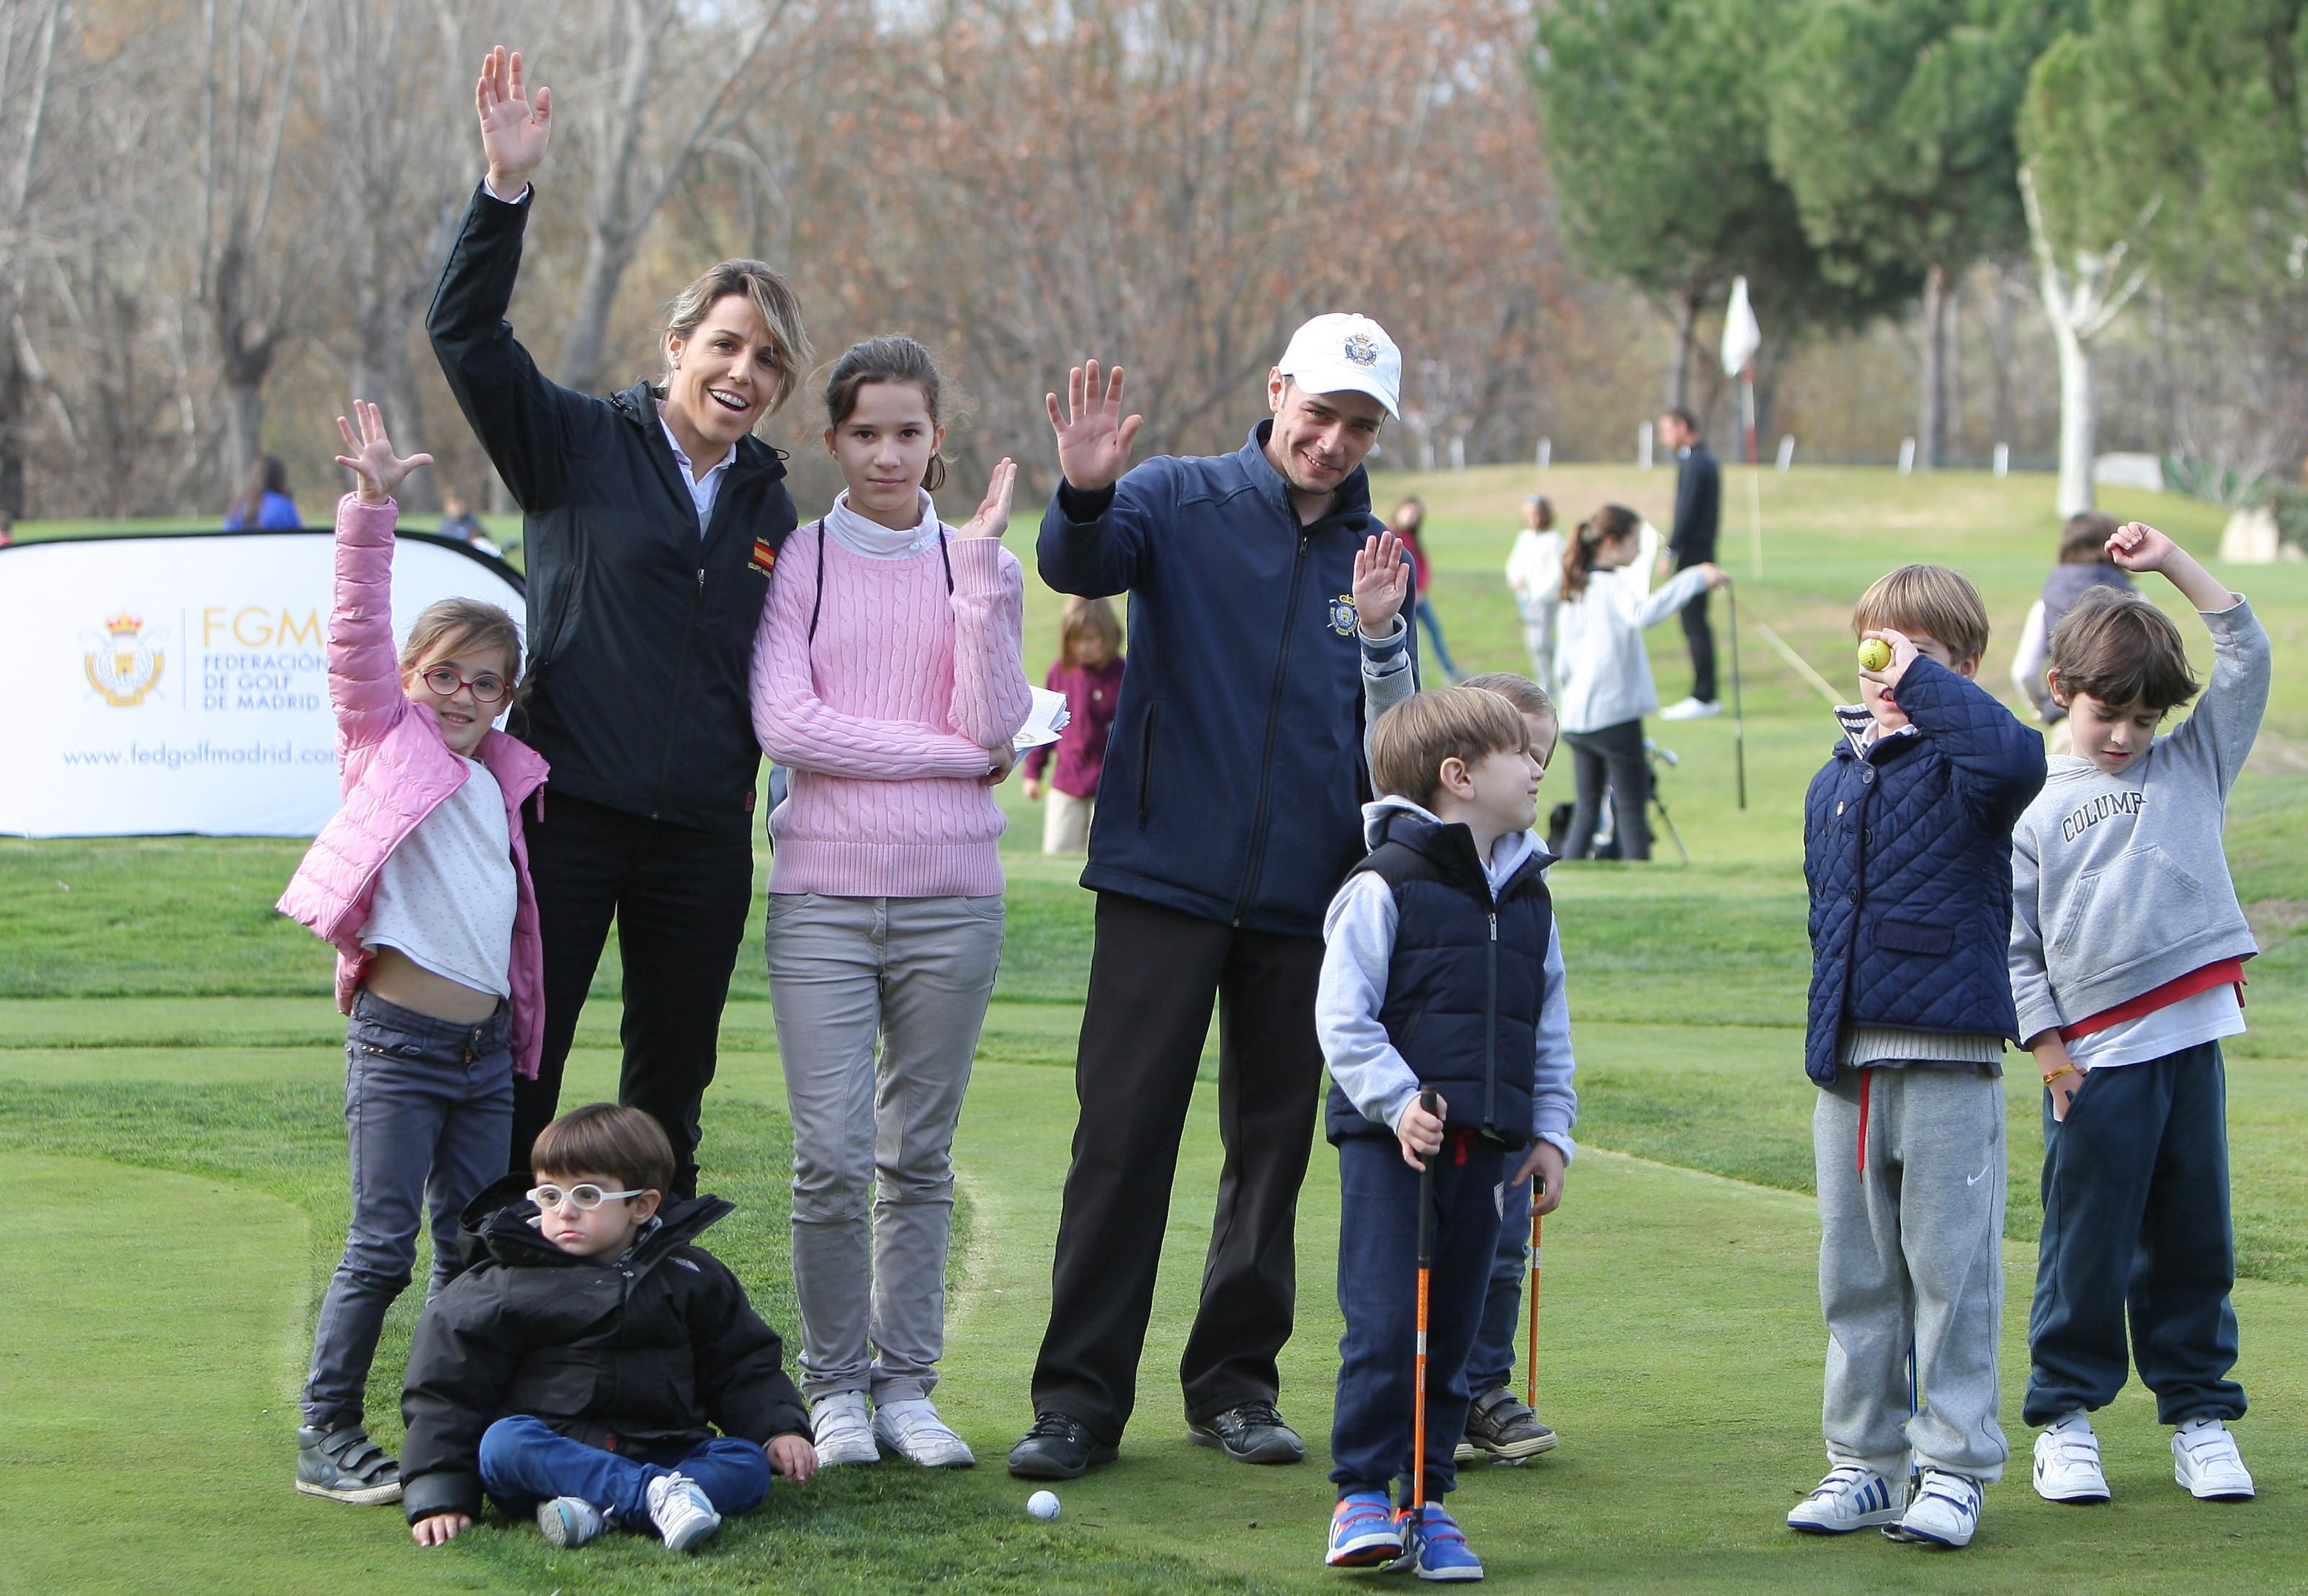 """""""Un niño, un libro"""": golf, solidaridad y valores en familia."""